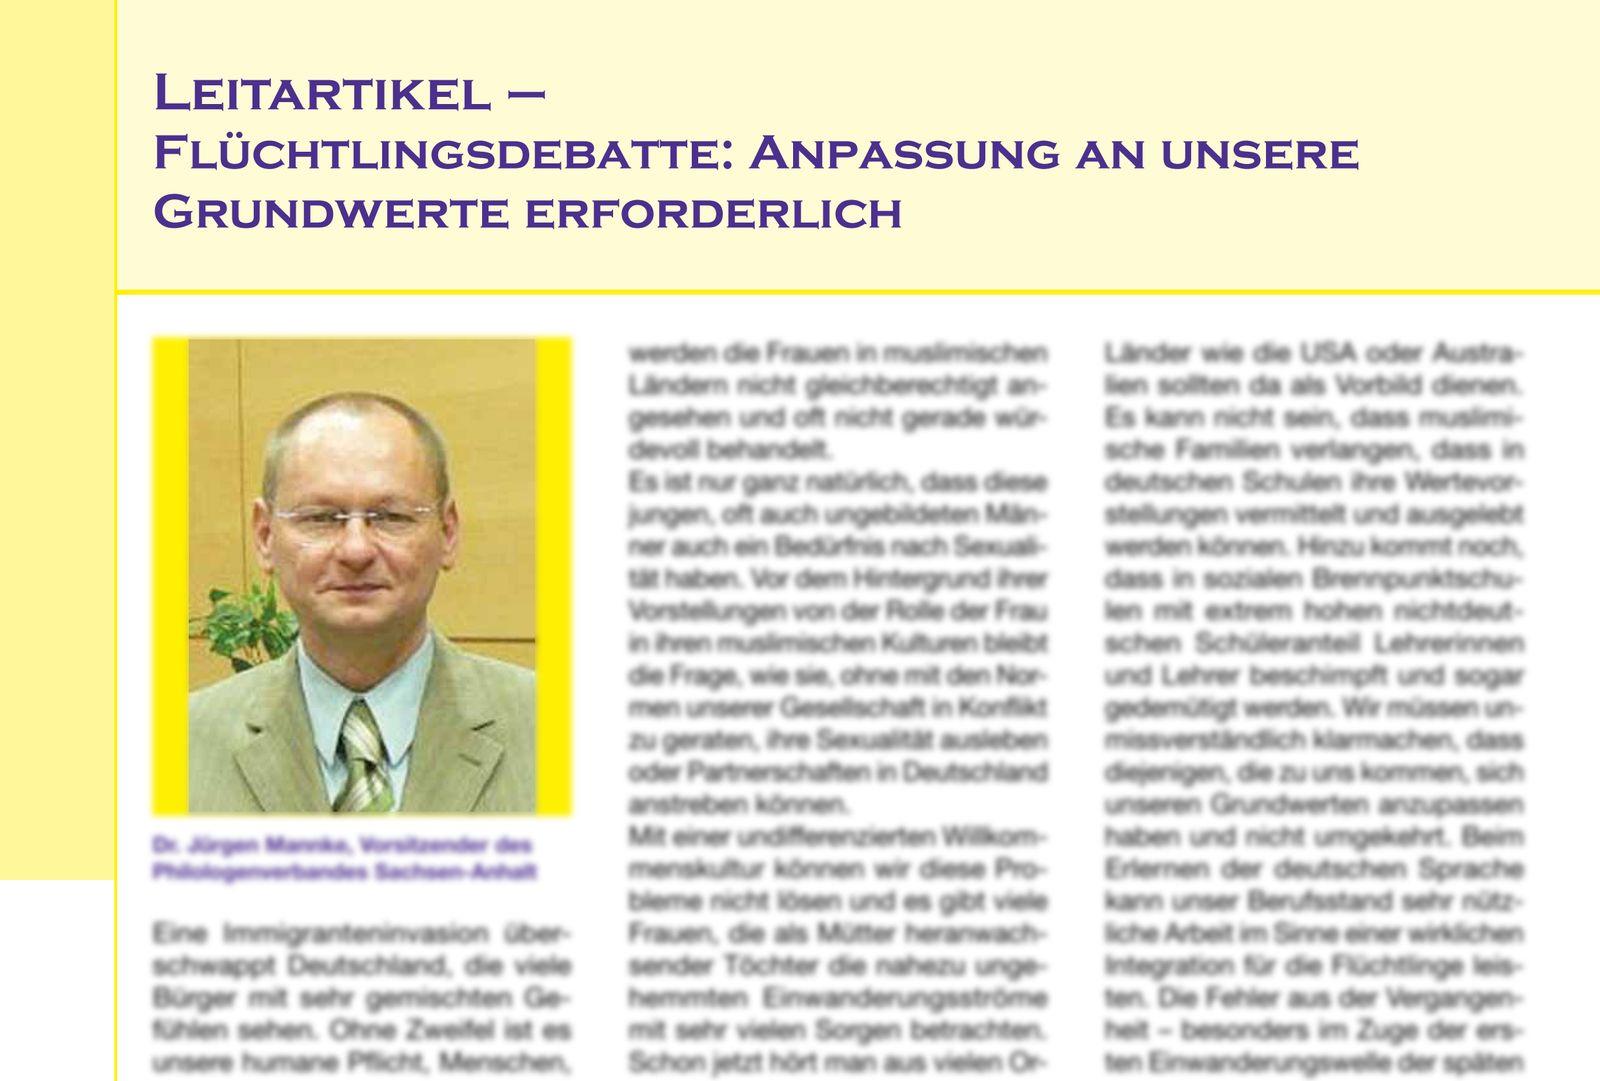 EINMALIGE VERWENDUNG NUR ALS ZITAT/ Editorial Zeitschrift des Philologenverbandes Sac